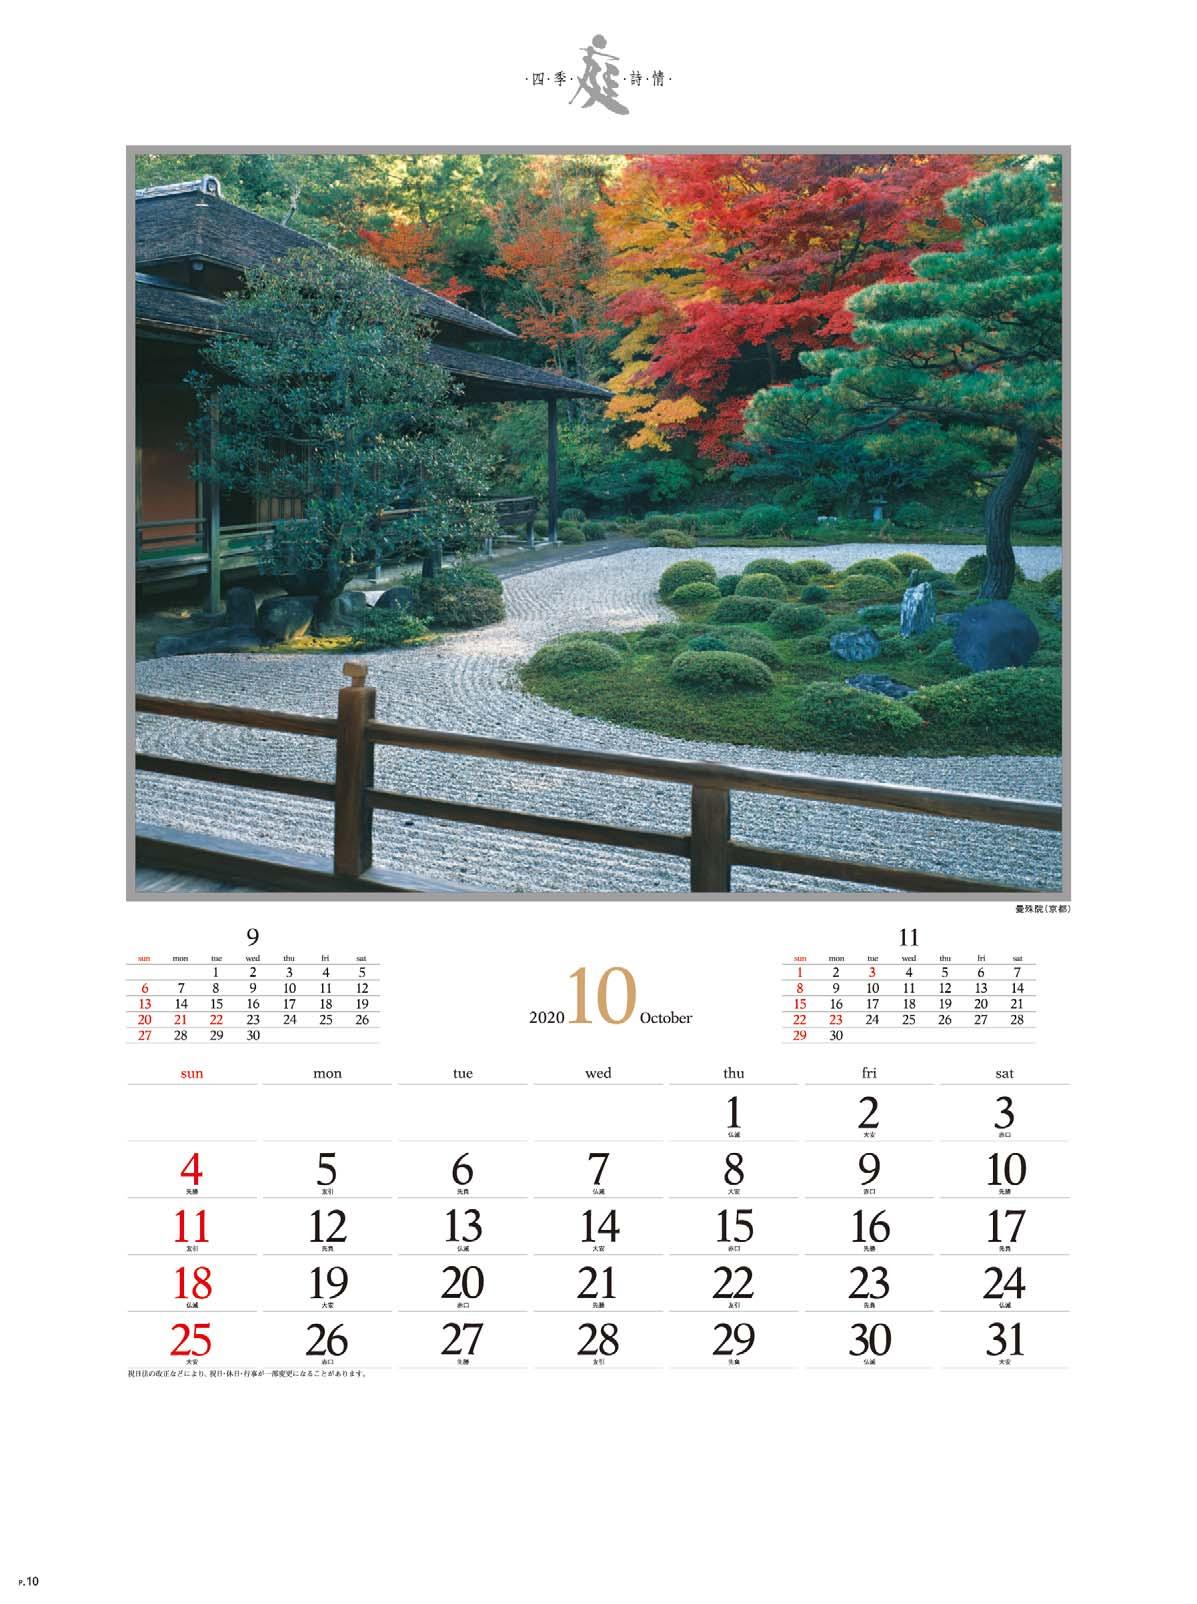 画像:曼殊院(京都) 庭・四季詩情 2020年カレンダー